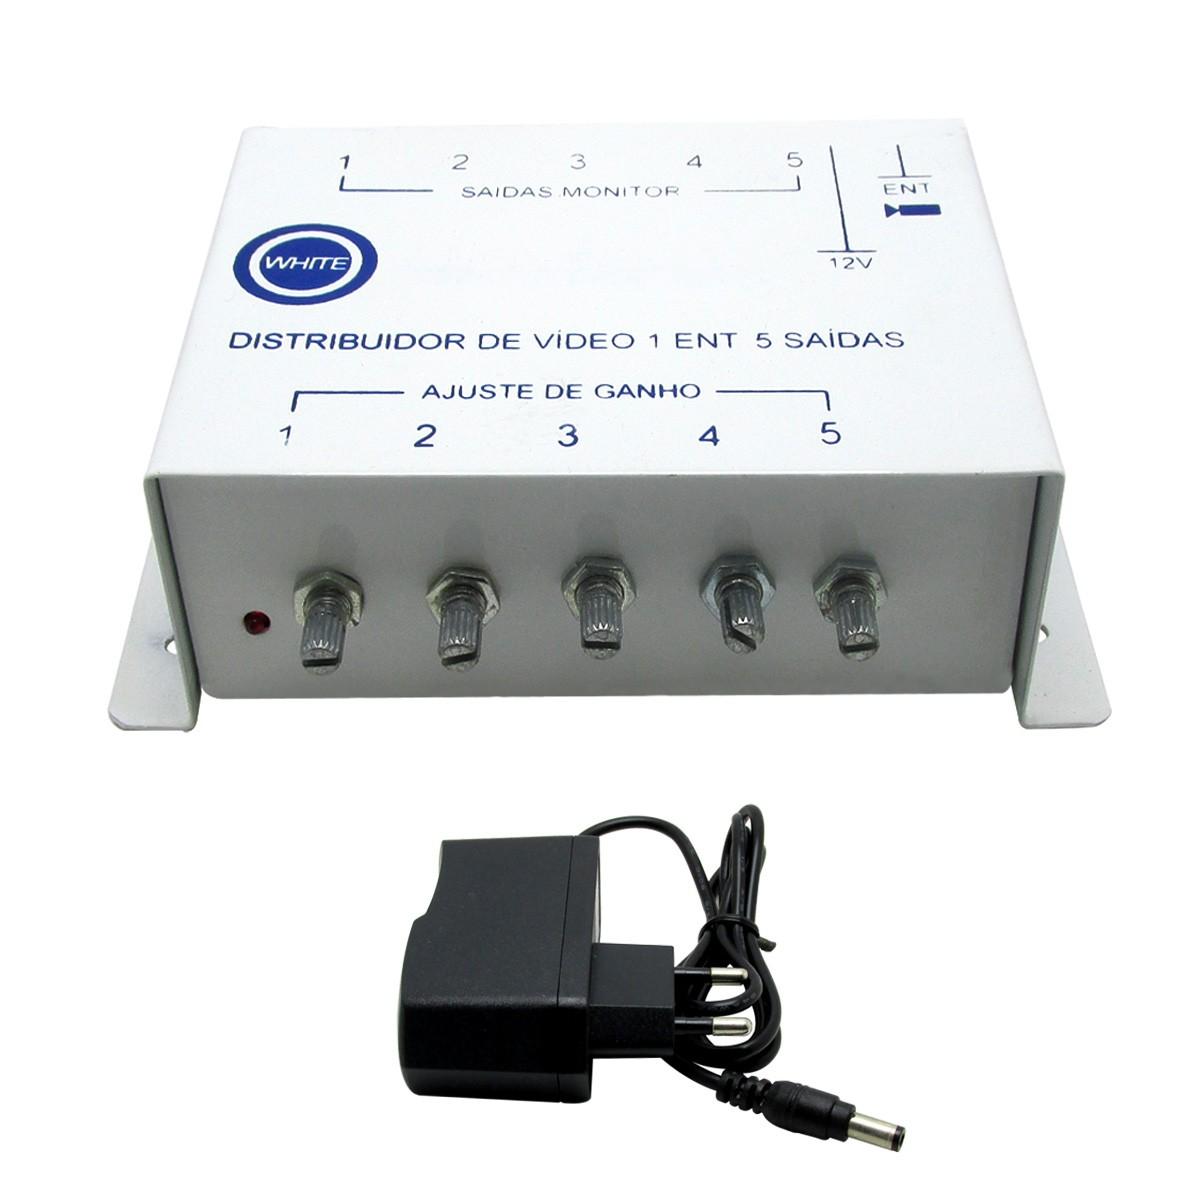 Distribuidor e Amplificador de vídeo WHITE 05 saídas